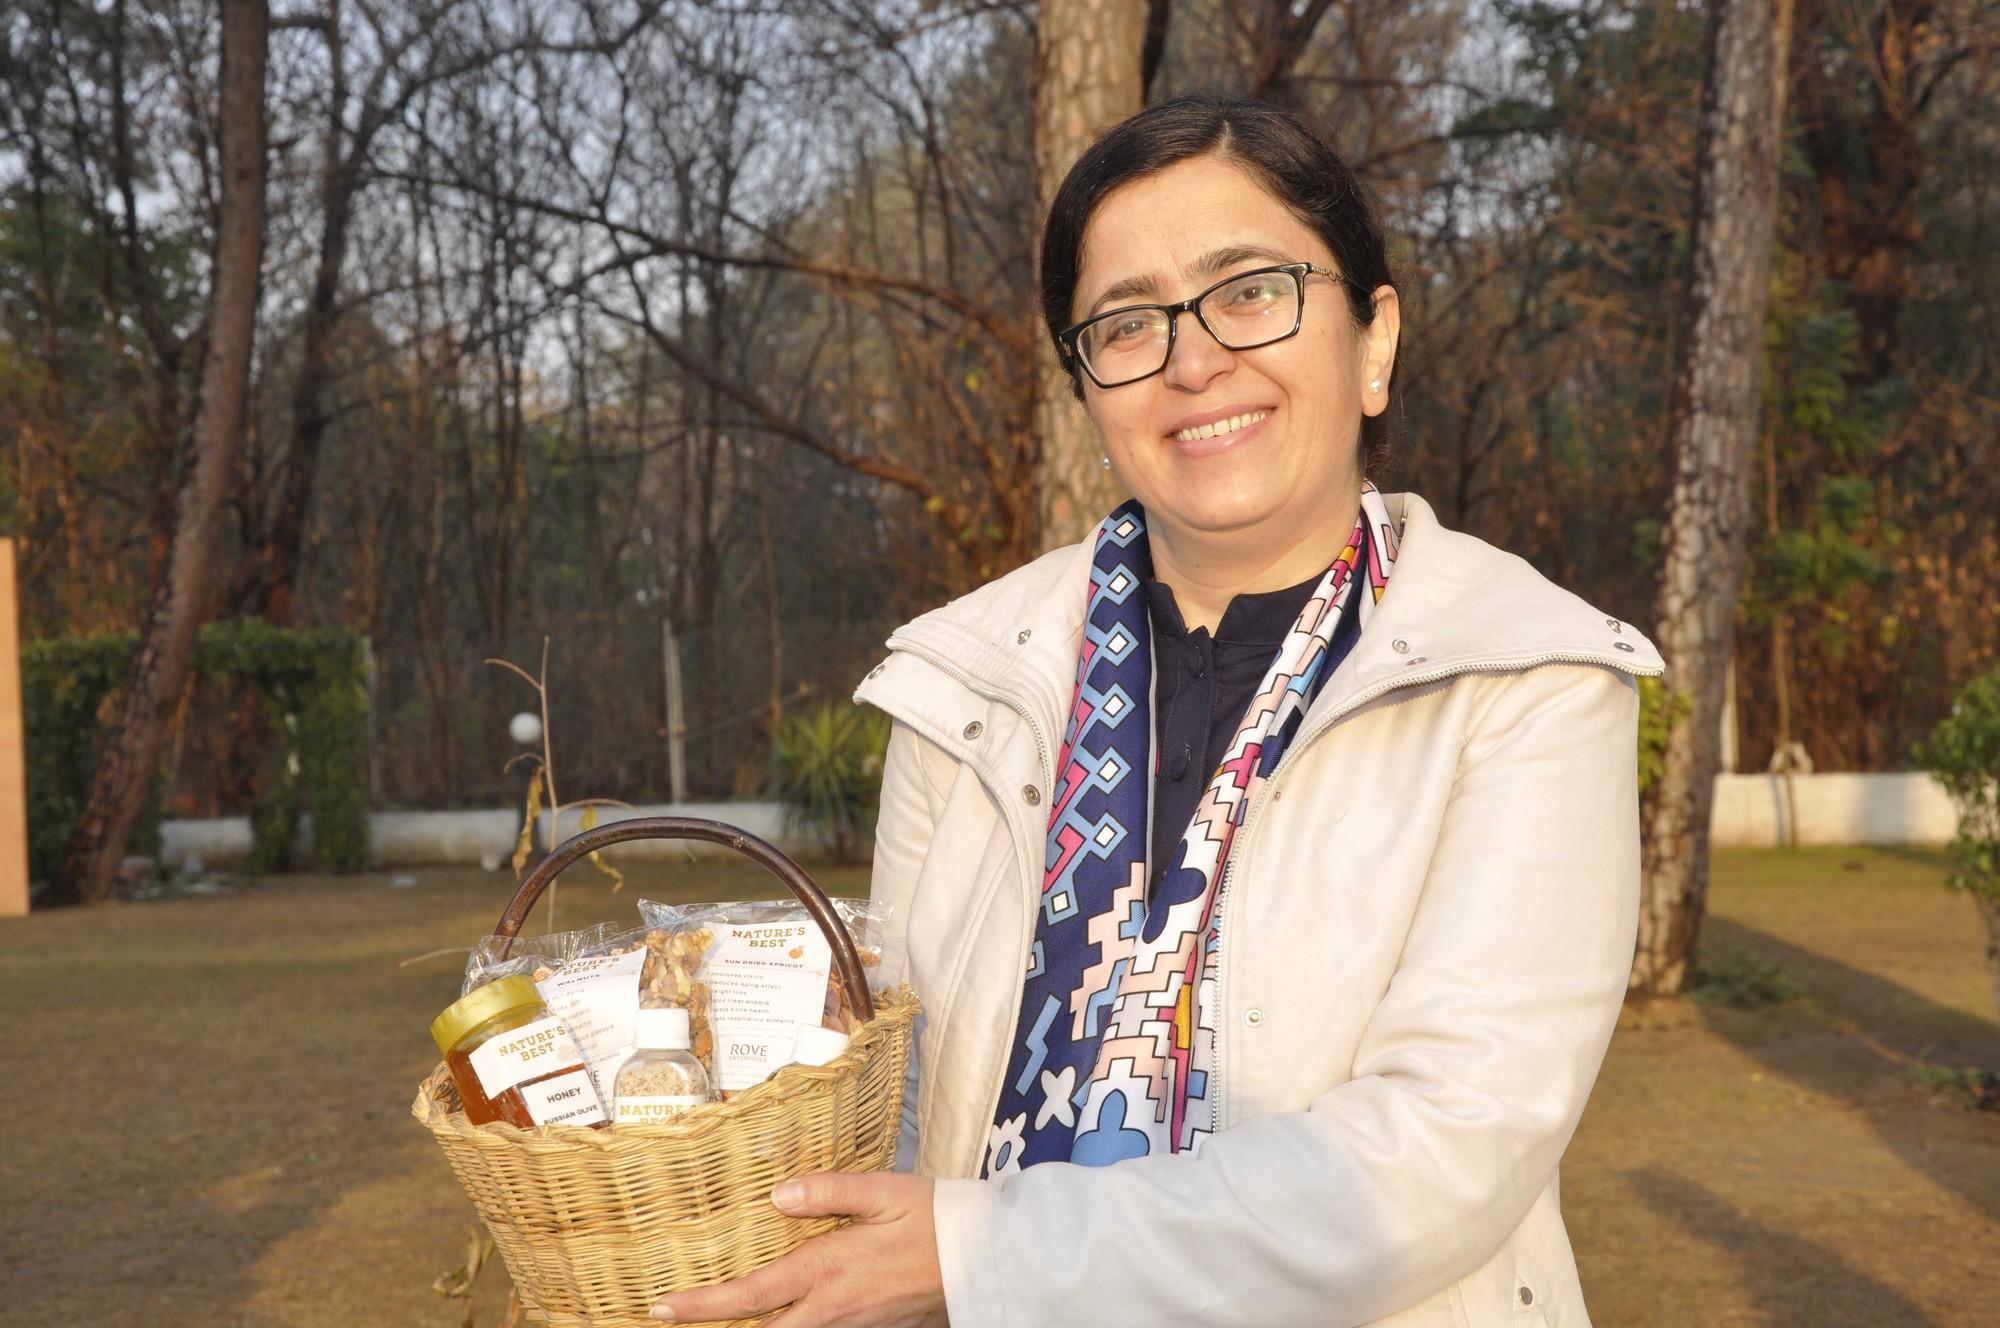 Una mujer sonríe mientras sostiene una canasta llena de pequeños obsequios.